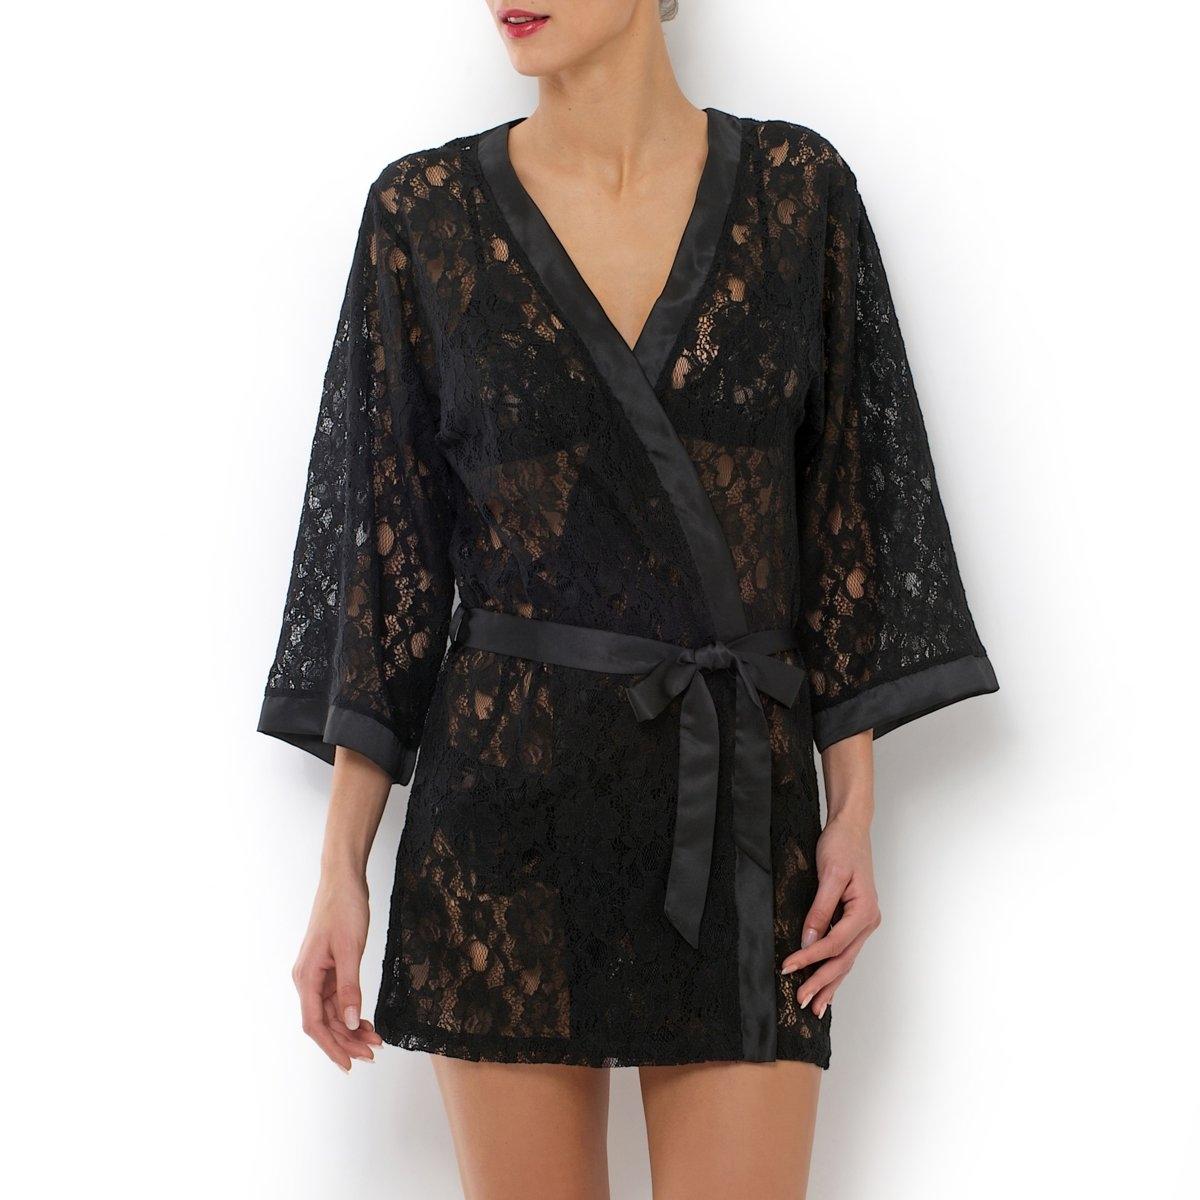 Халат-кимоно короткий с длинными рукавами из кружеваСоблазнительный халат-кимоно из полупрозрачного кружева... его можно носить отдельно или поверх комбинации . Атласный пояс в шлевках . Внутренние завязки. Атласная отделка краев .Длина : ок. 83 см.Халат-кимоно короткий из кружева 66% хлопка, 28% полиамида, 6% вискозы .Машинная стирка.<br><br>Цвет: черный<br>Размер: 34/36 (FR) - 40/42 (RUS).42/44 (FR) - 48/50 (RUS)